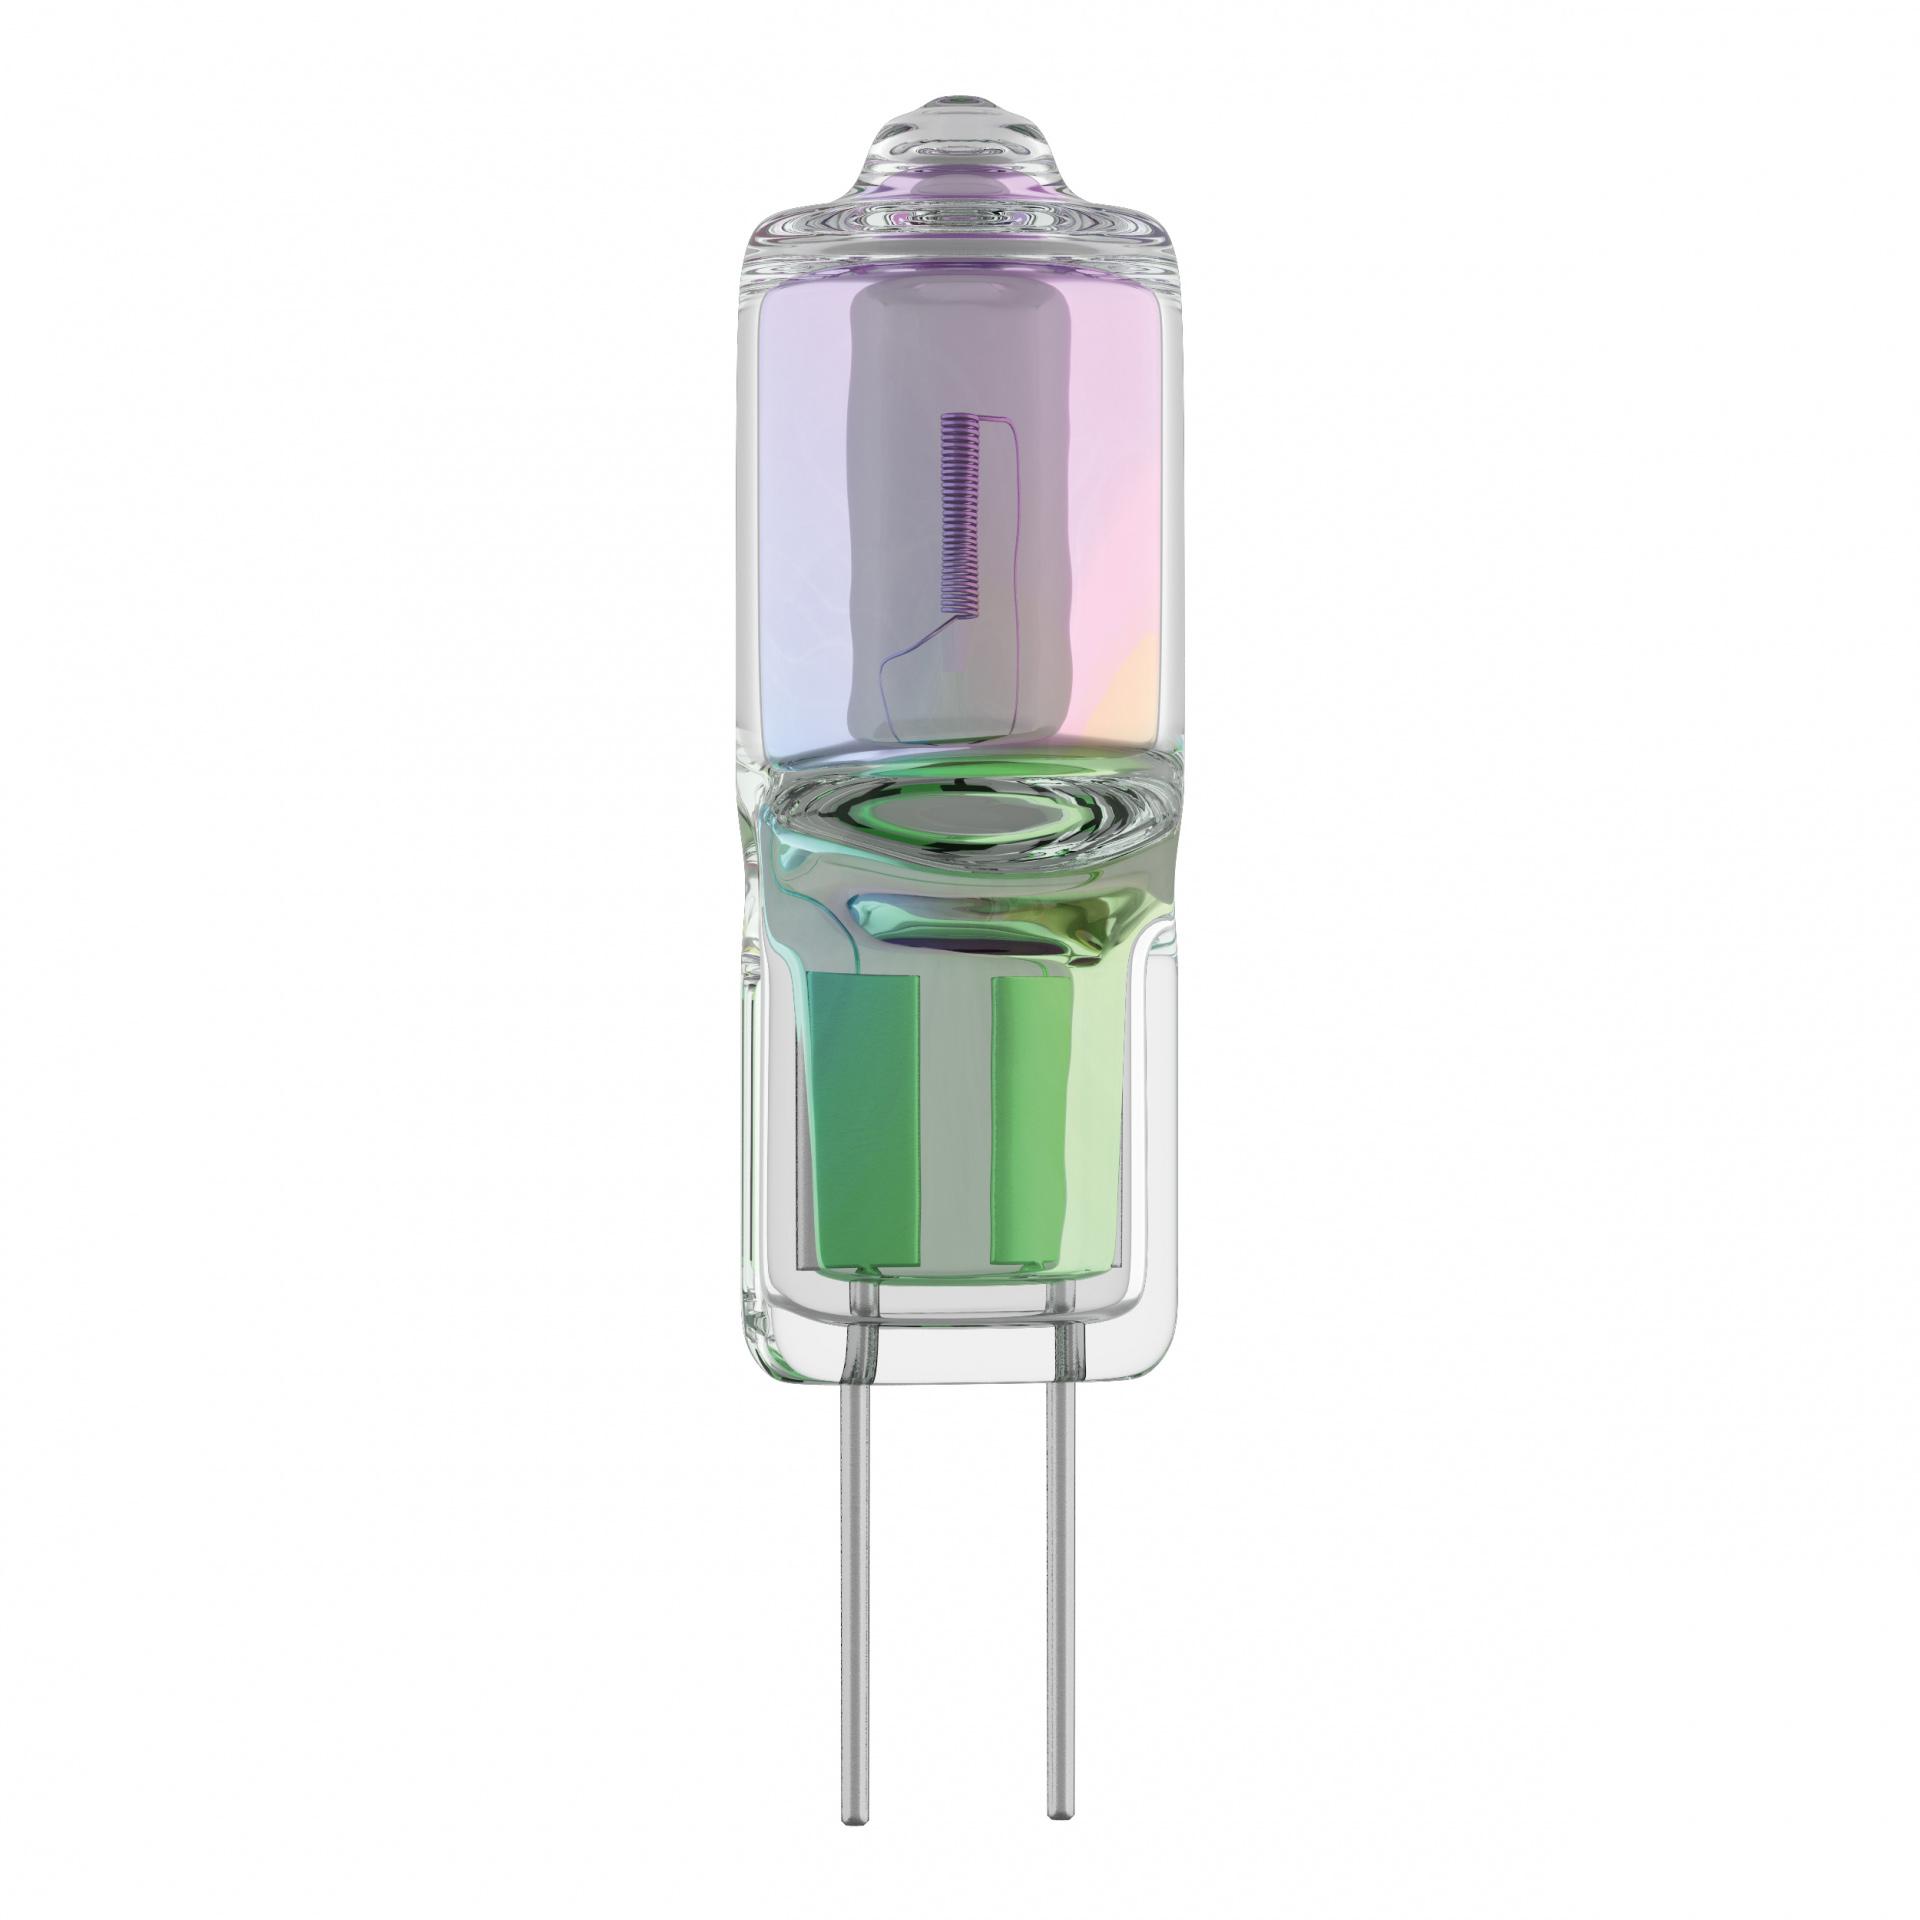 Лампа HAL 12V JC G4 35W RA100 2800K 2000H DIMM Lightstar 921025, купить в СПб, Москве, с доставкой, Санкт-Петербург, интернет-магазин люстр и светильников Starlight, фото в жизни